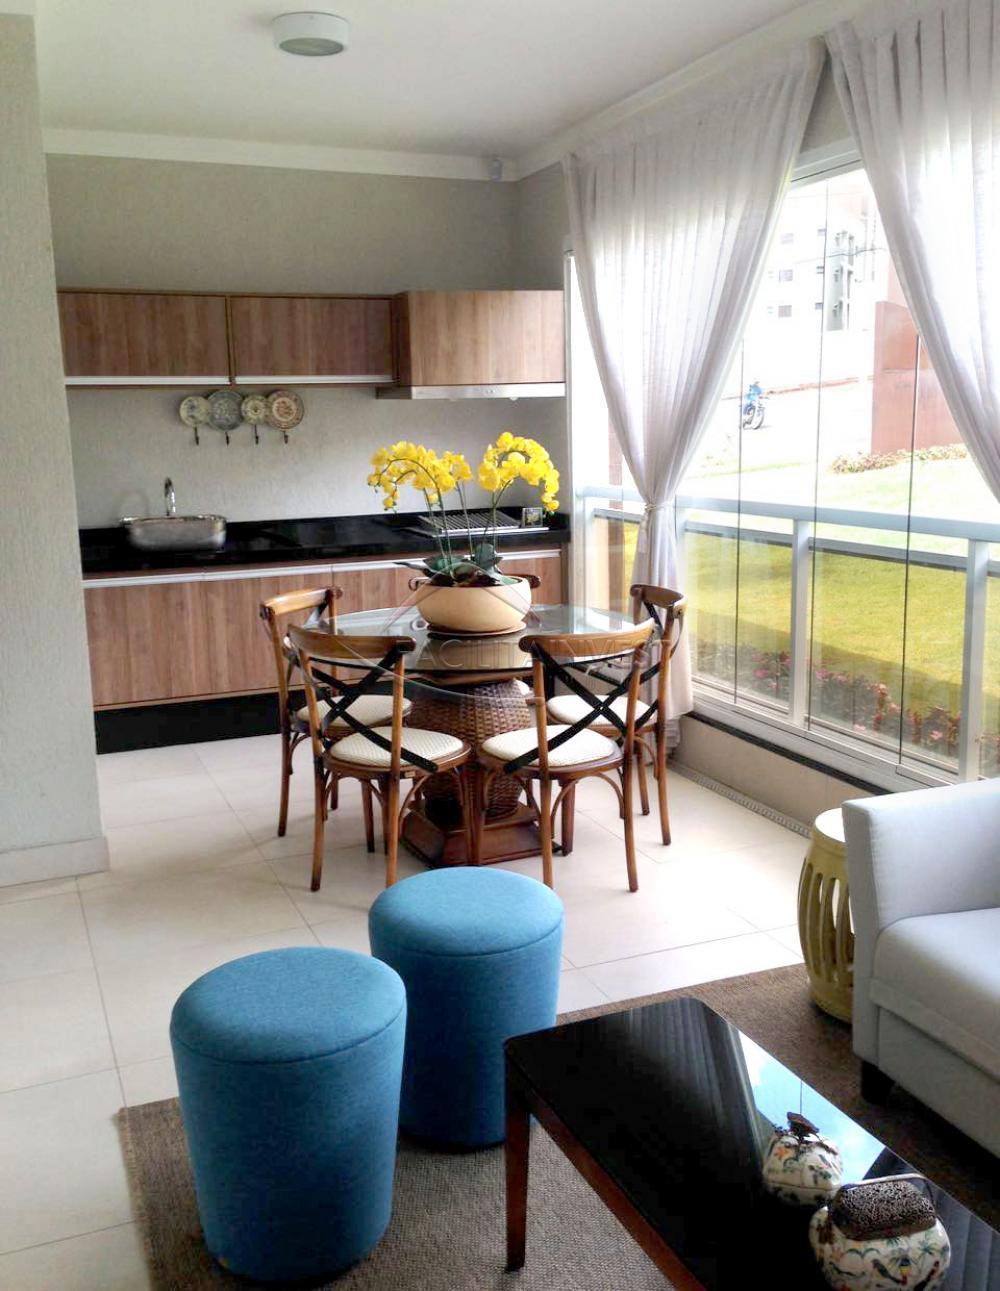 Comprar Lançamentos/ Empreendimentos em Construç / Apartamento padrão - Lançamento em Ribeirão Preto apenas R$ 958.391,00 - Foto 3